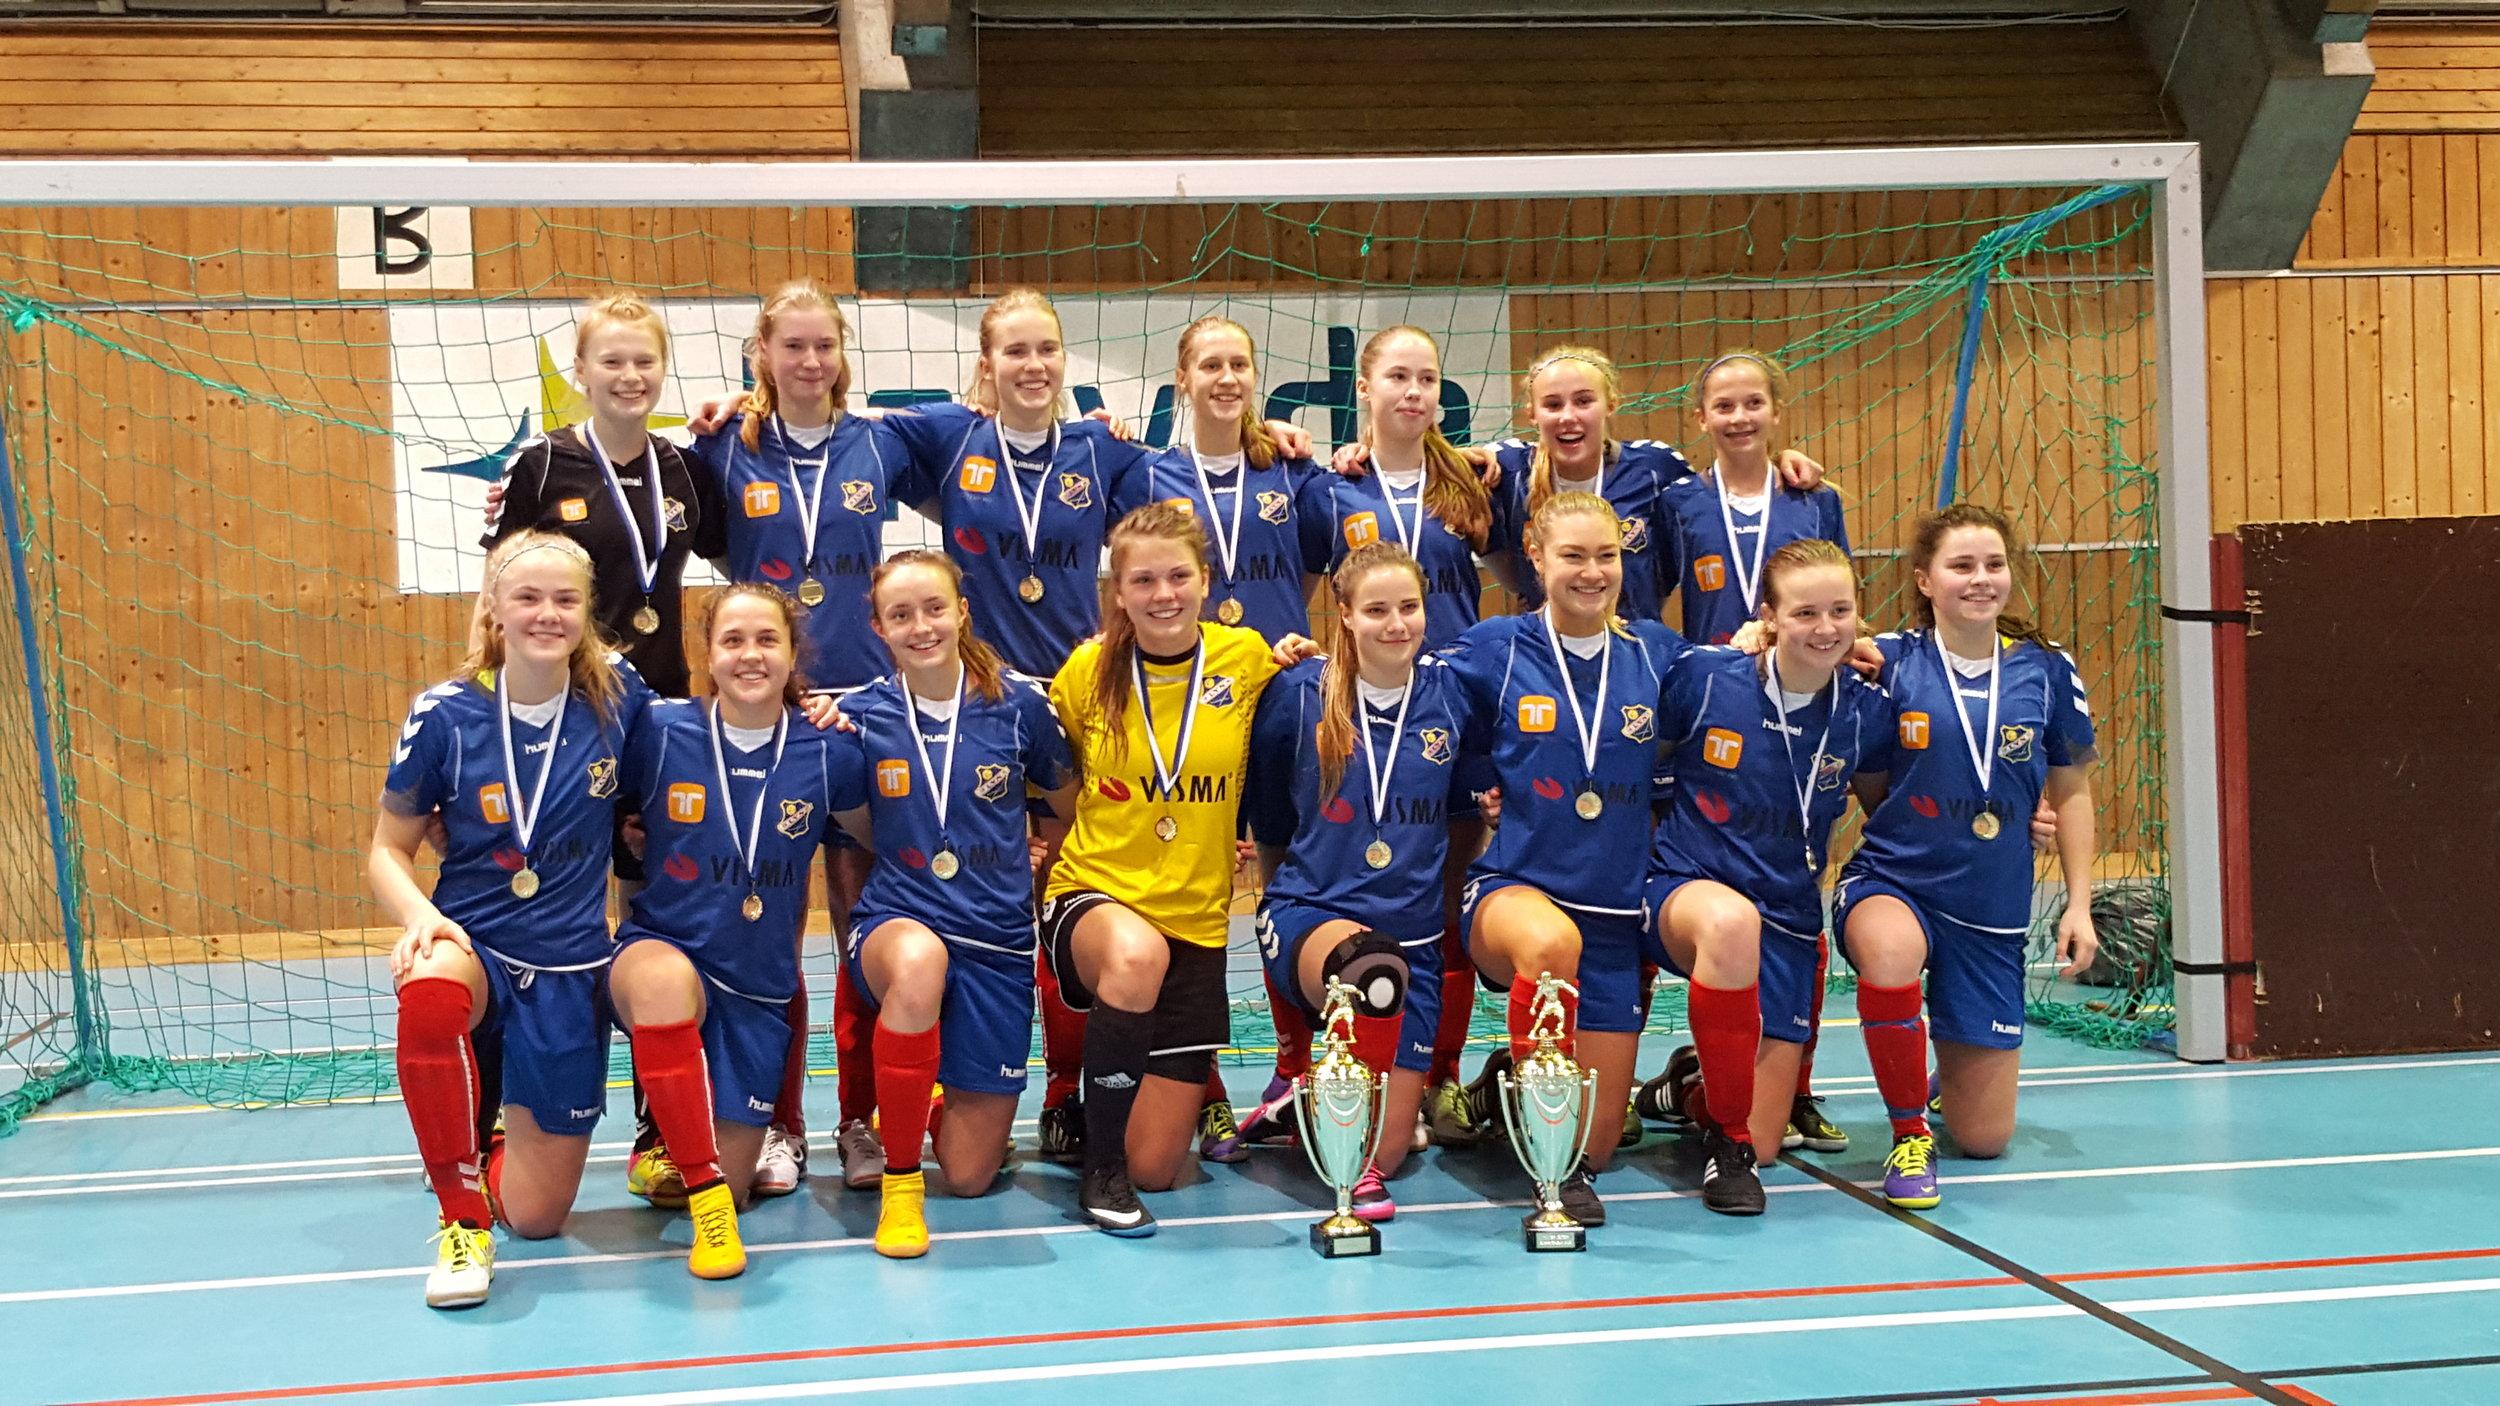 Lyn-jentene som vant i J16 og J19 klassene i 2016